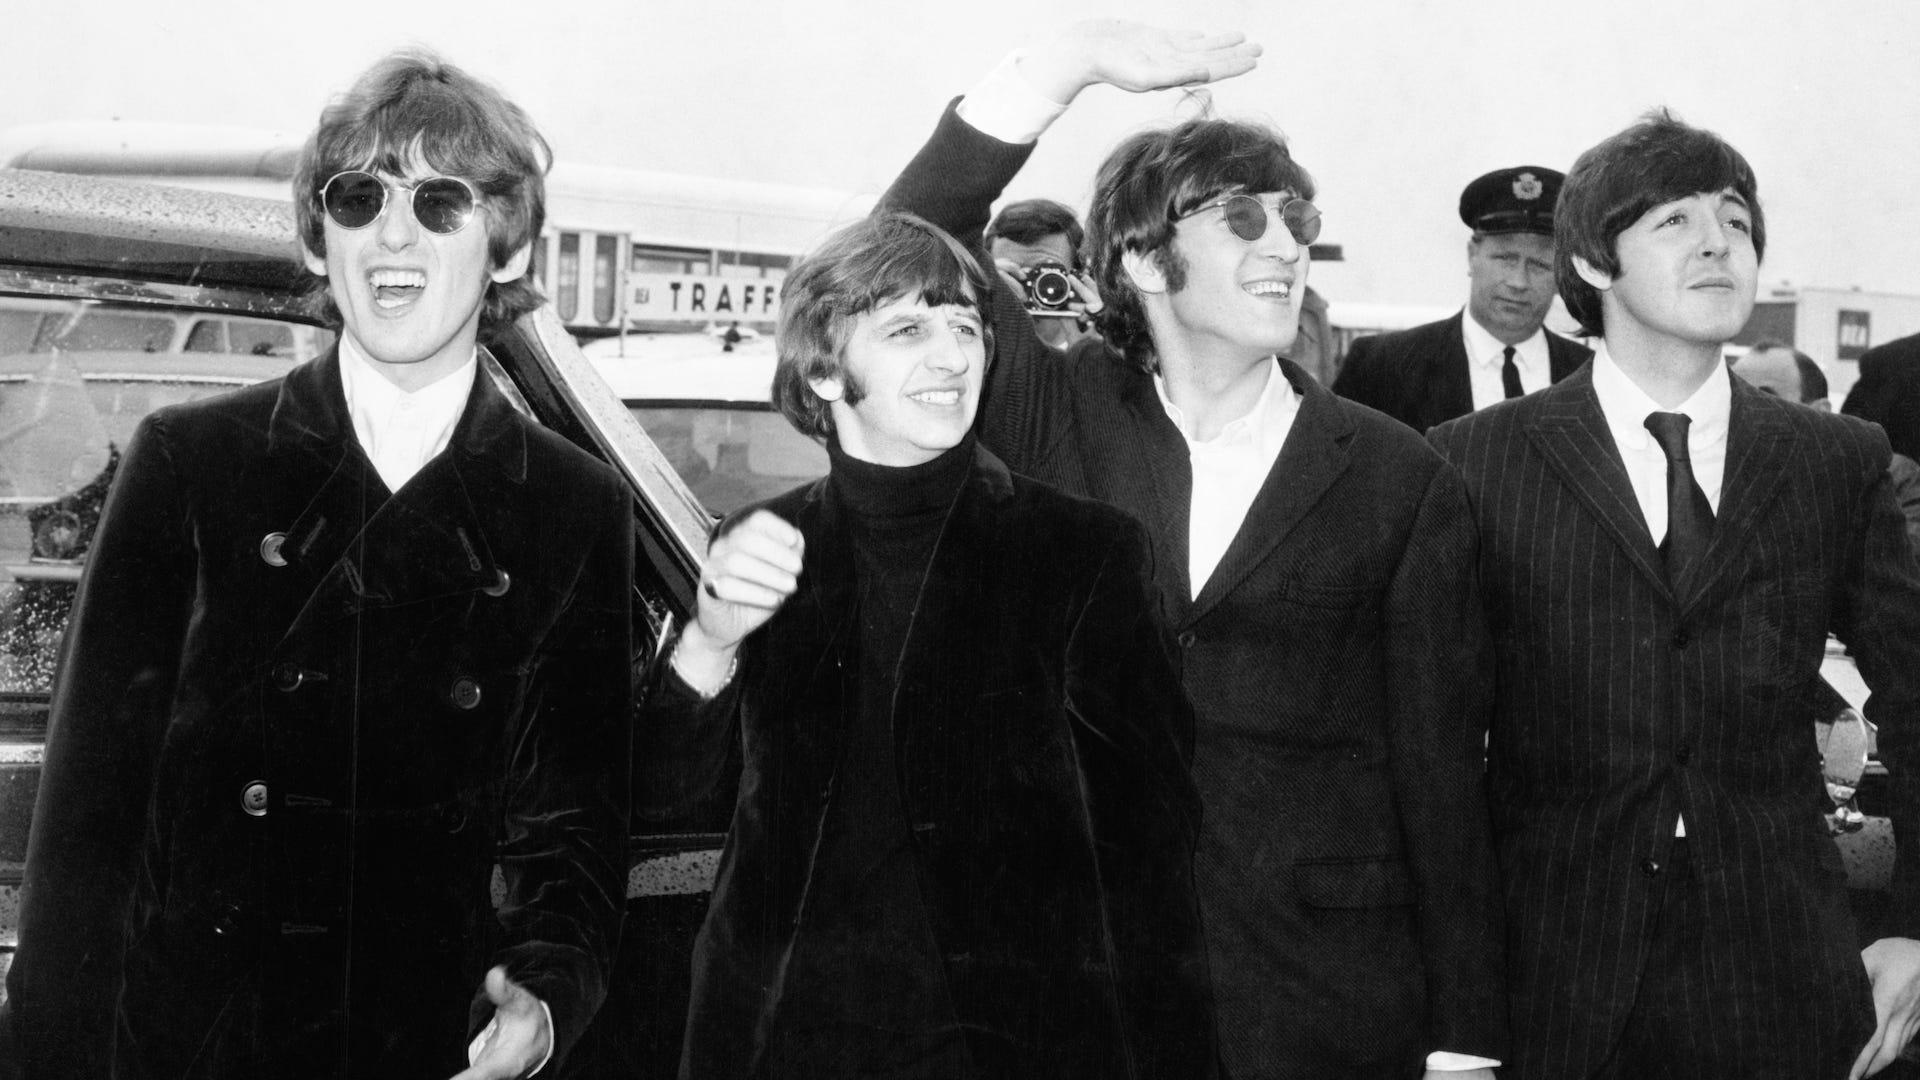 Paul McCartney says he 'didn't instigate' The Beatles breakup, blames John Lennon